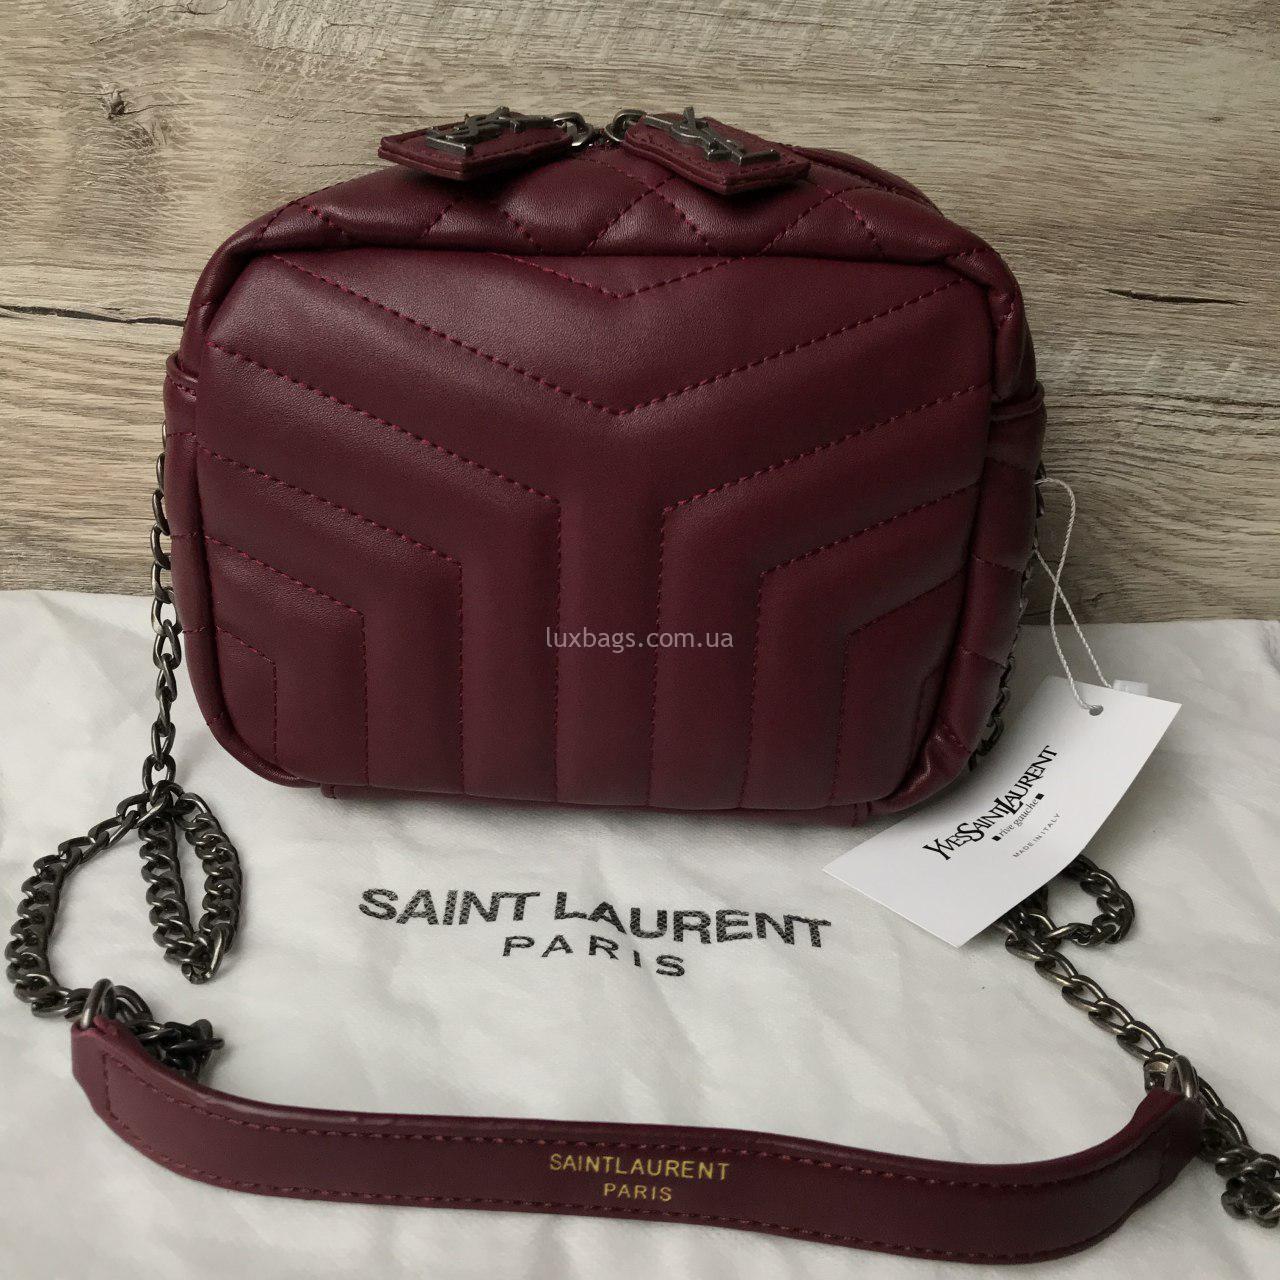 75486de8cddf ... Yves Saint Laurent ysl кроссбоди. 🔍. Женская стильная сумка ysl цвета  марсал